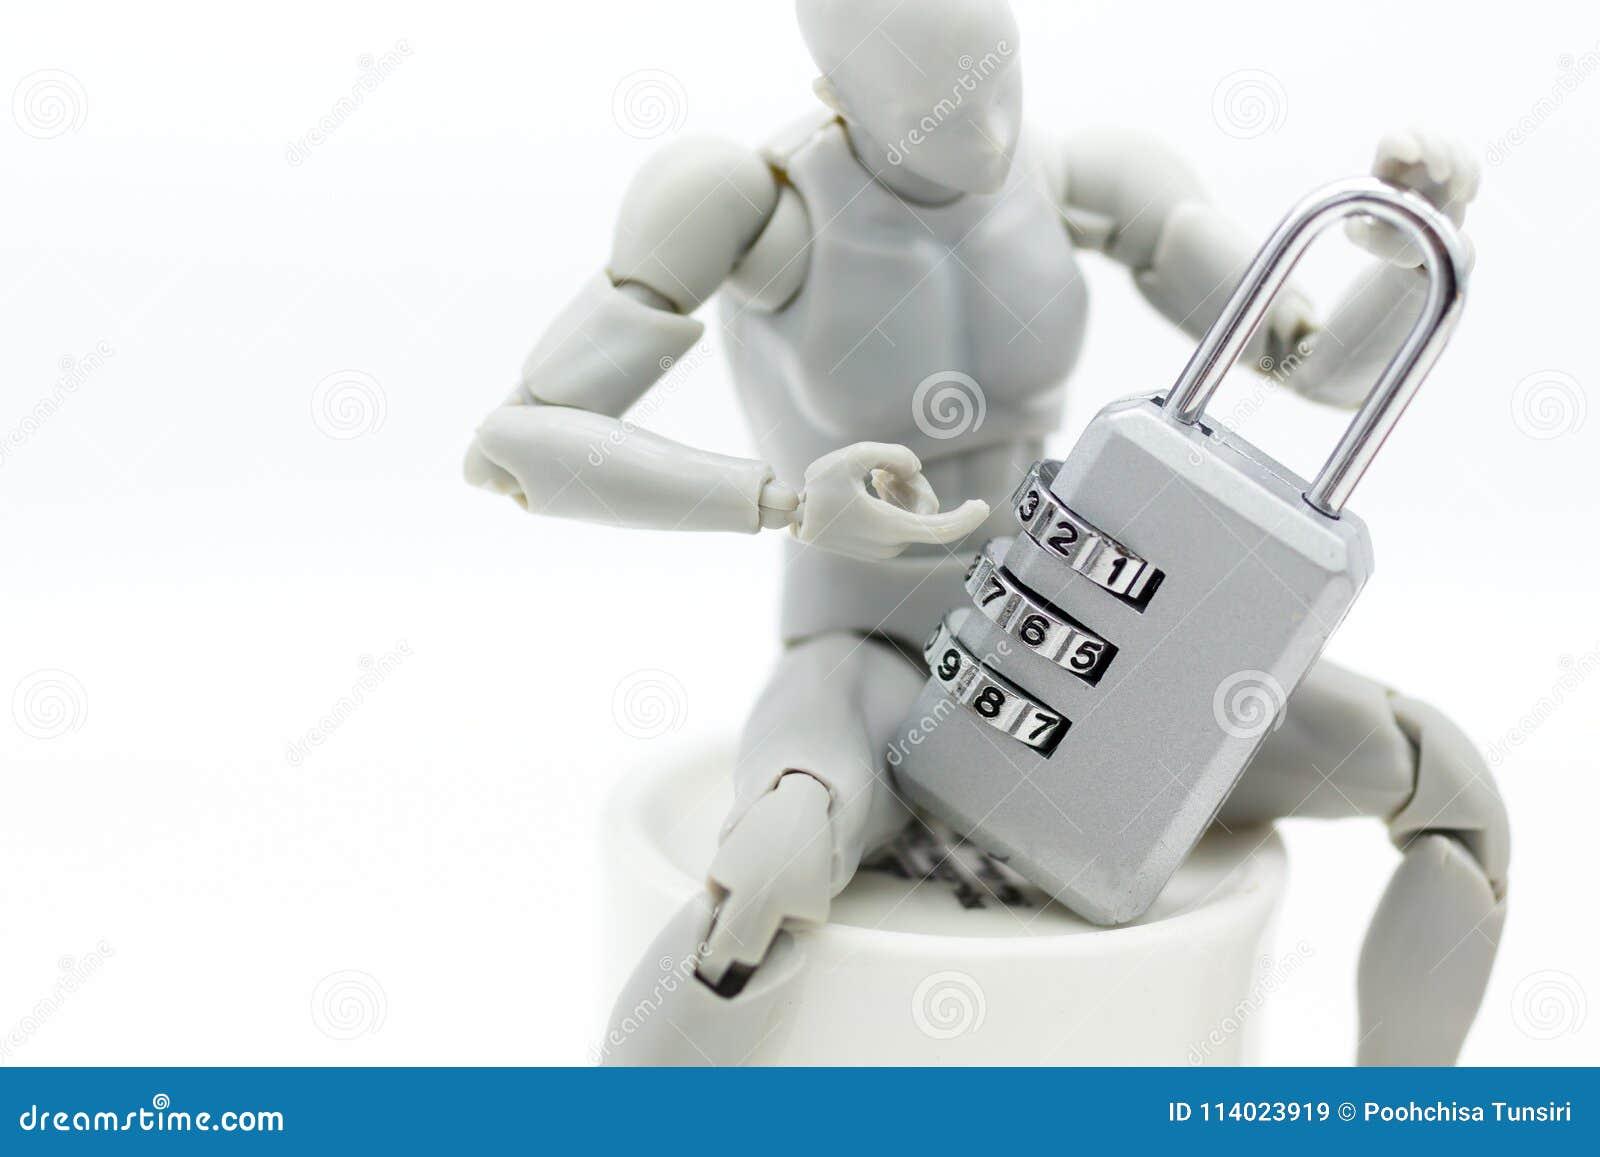 Gente Miniatura: Modello Del Robot Con La Codifica Della ...